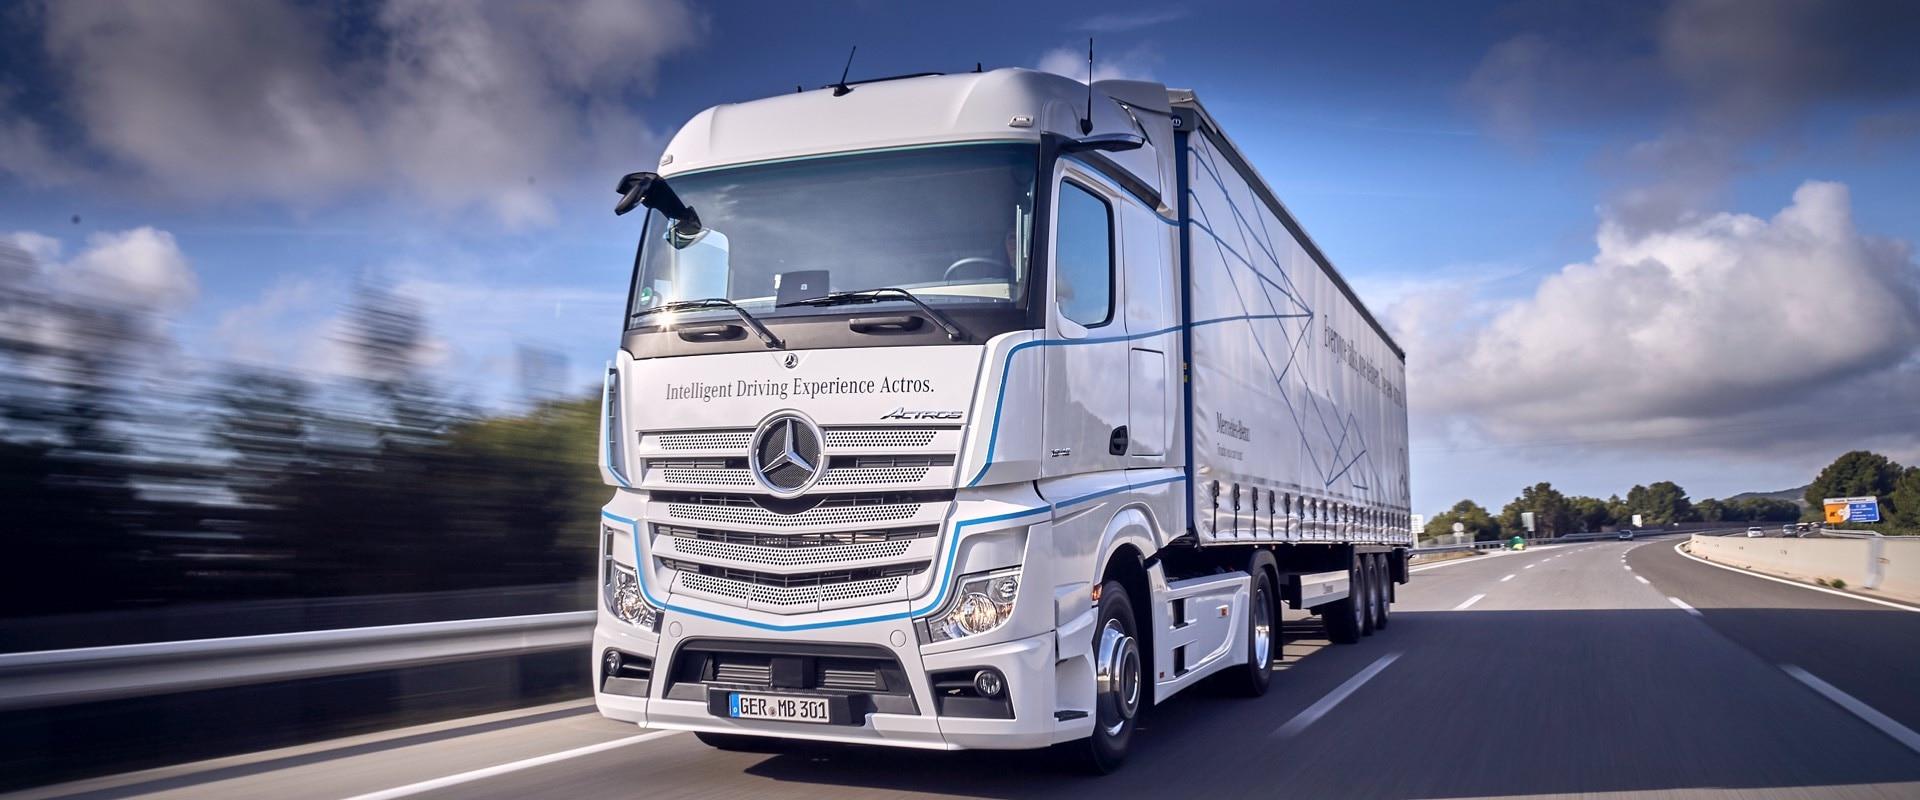 Daimler customer story